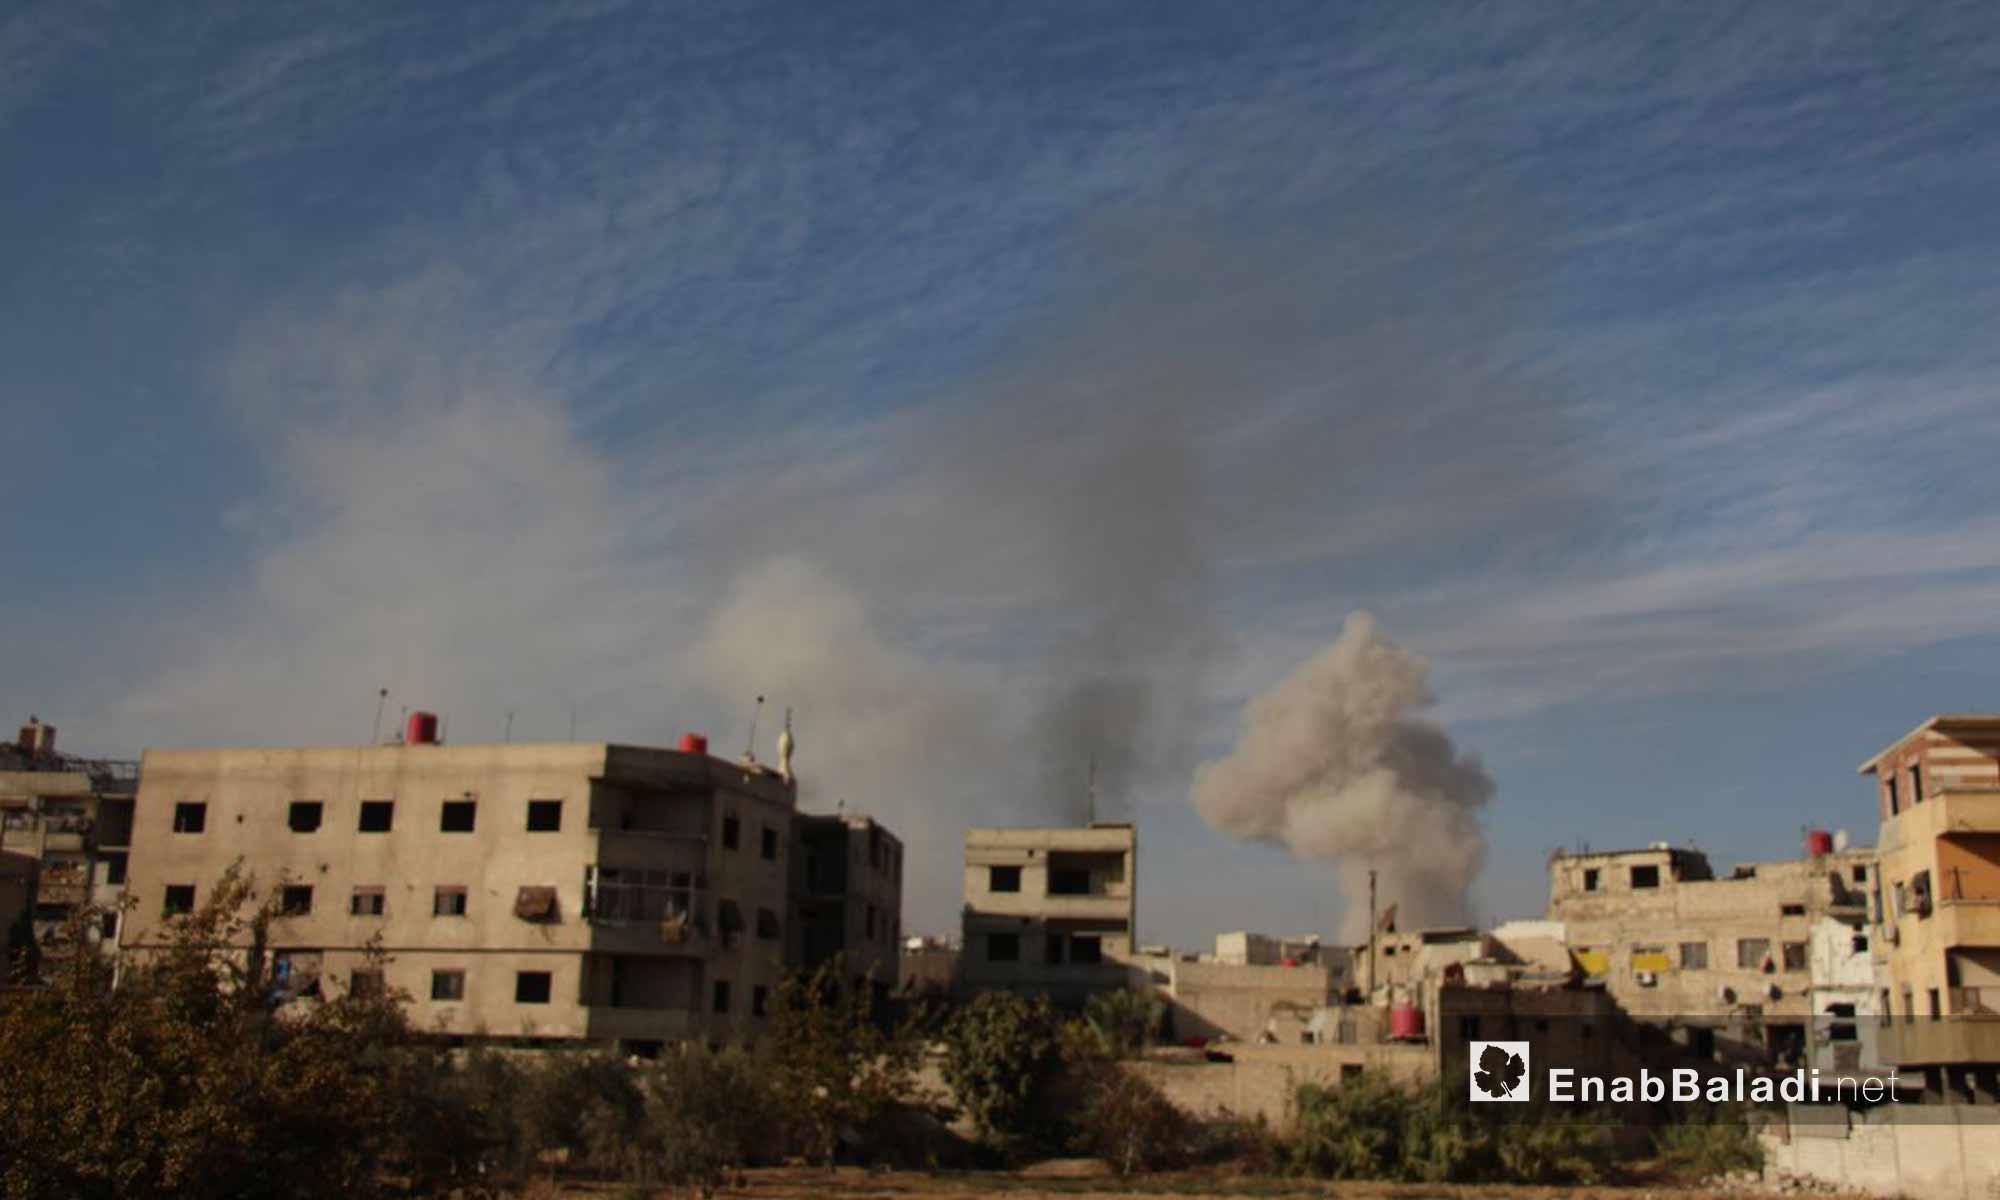 القصف على حرستا في الغوطة الشرقية - 16 تشرين الثاني 2017 (عنب بلدي)